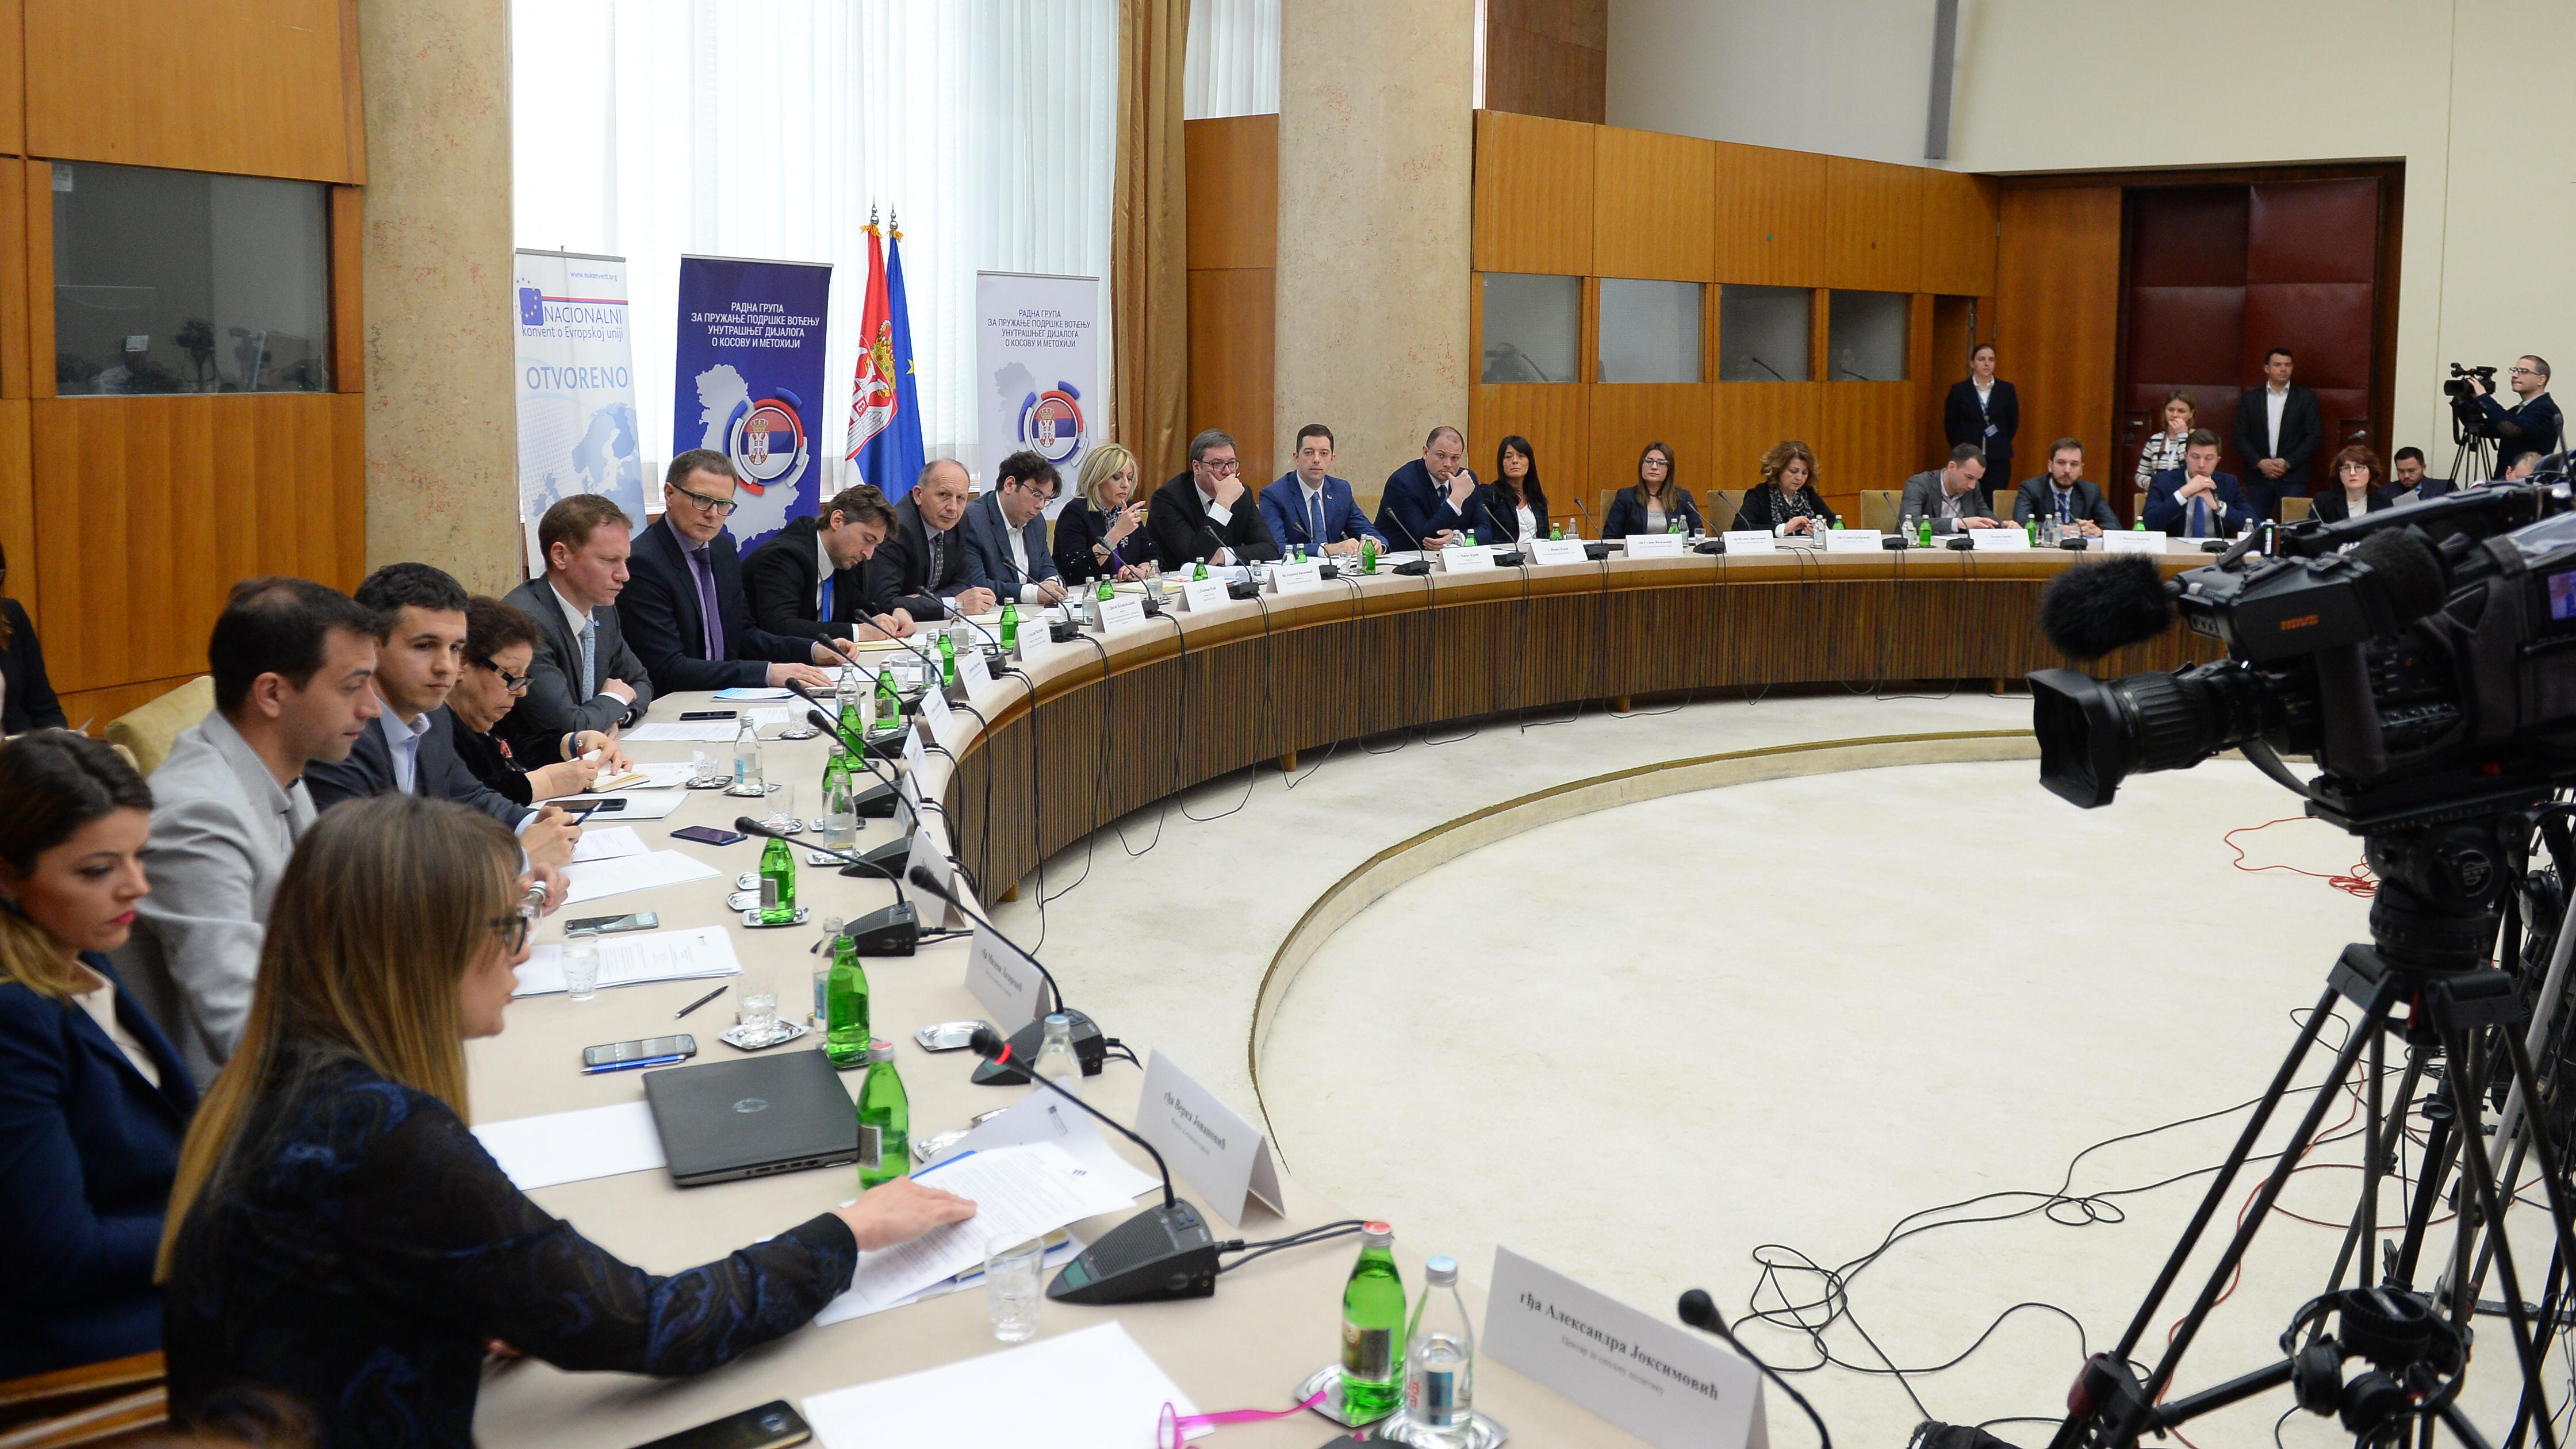 Sastanak RG 35 sa predstavnicima vlast, 2018; Foto: Tanjug / Tanja Valić / bg